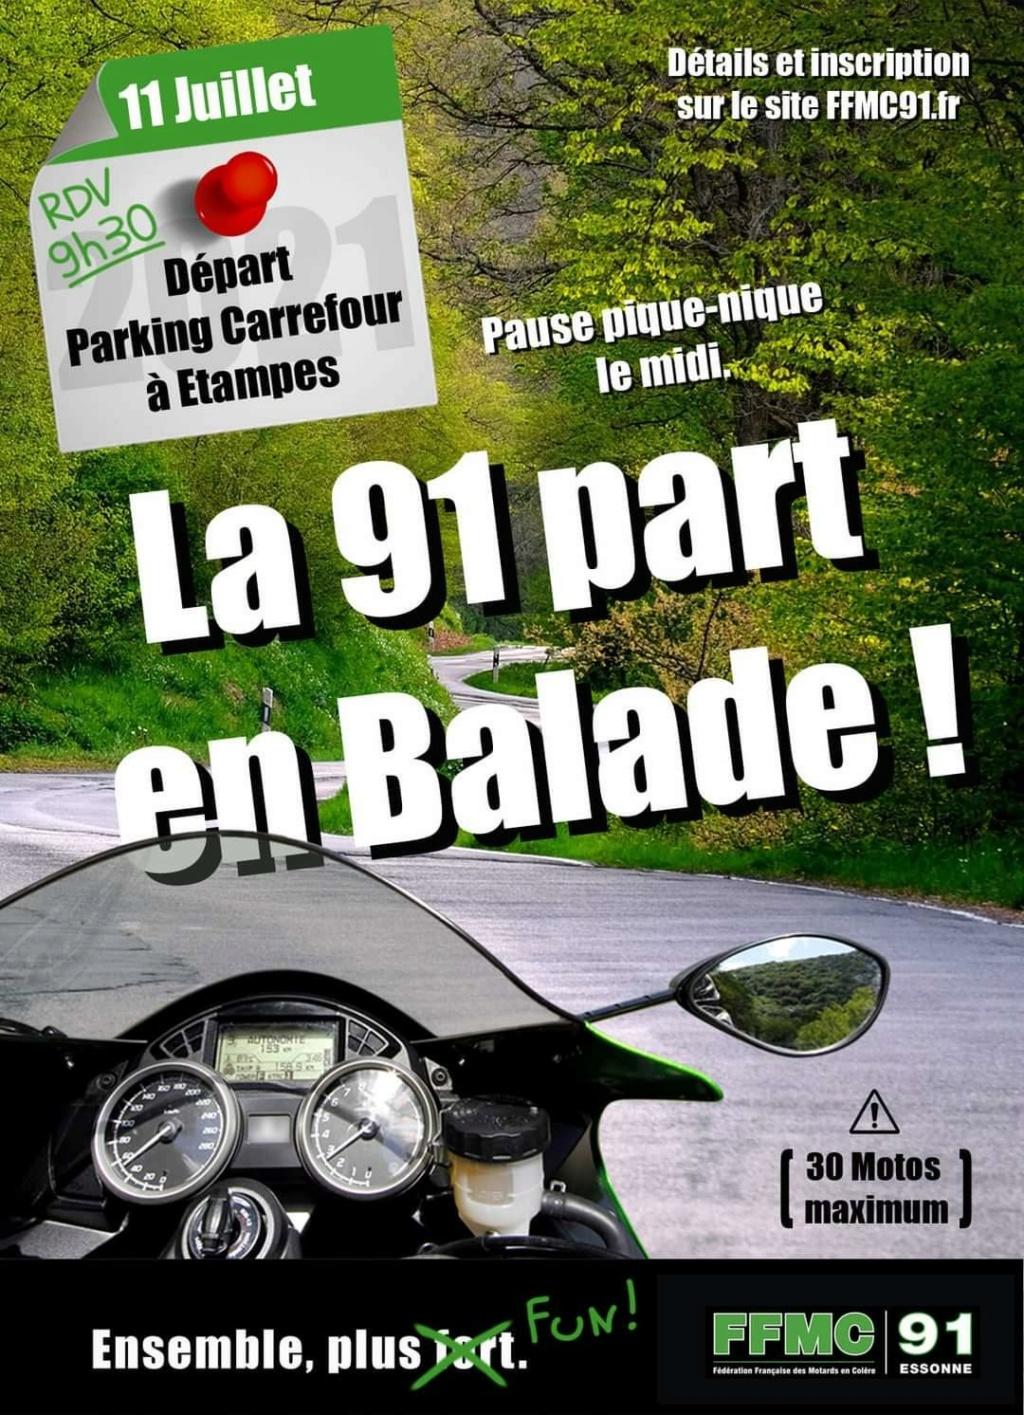 MANIFESTATION - Balade Moto 11 Juillet 2021 Etampes (91) La-91-10